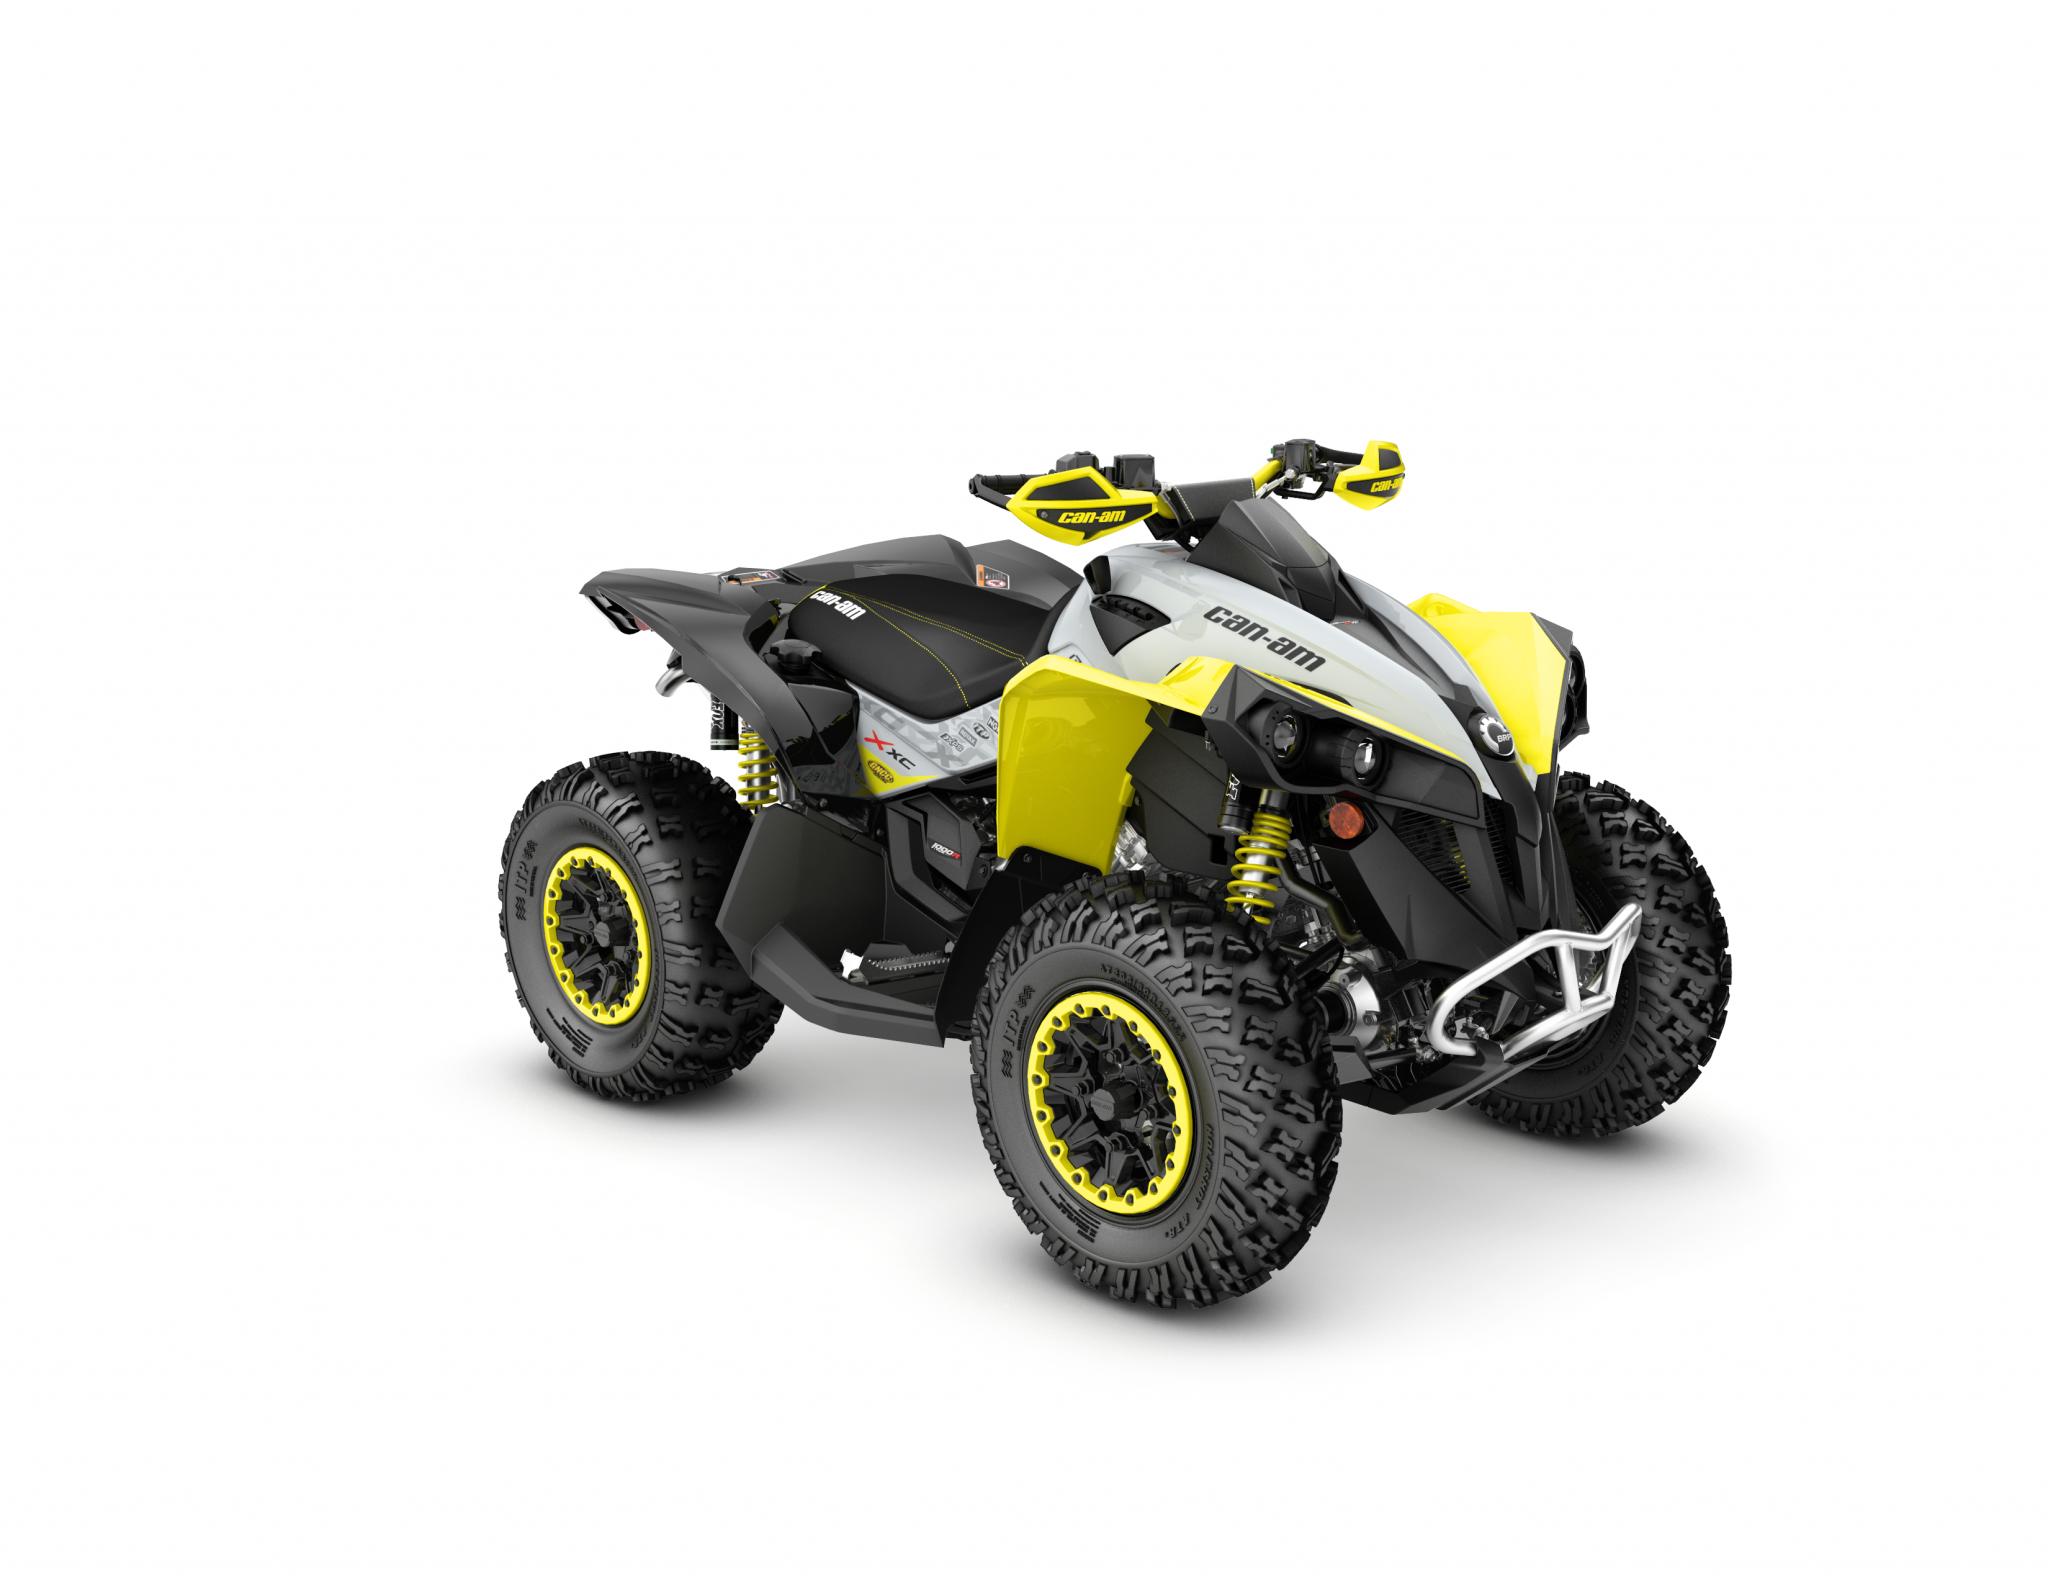 650X XC צהוב שחור